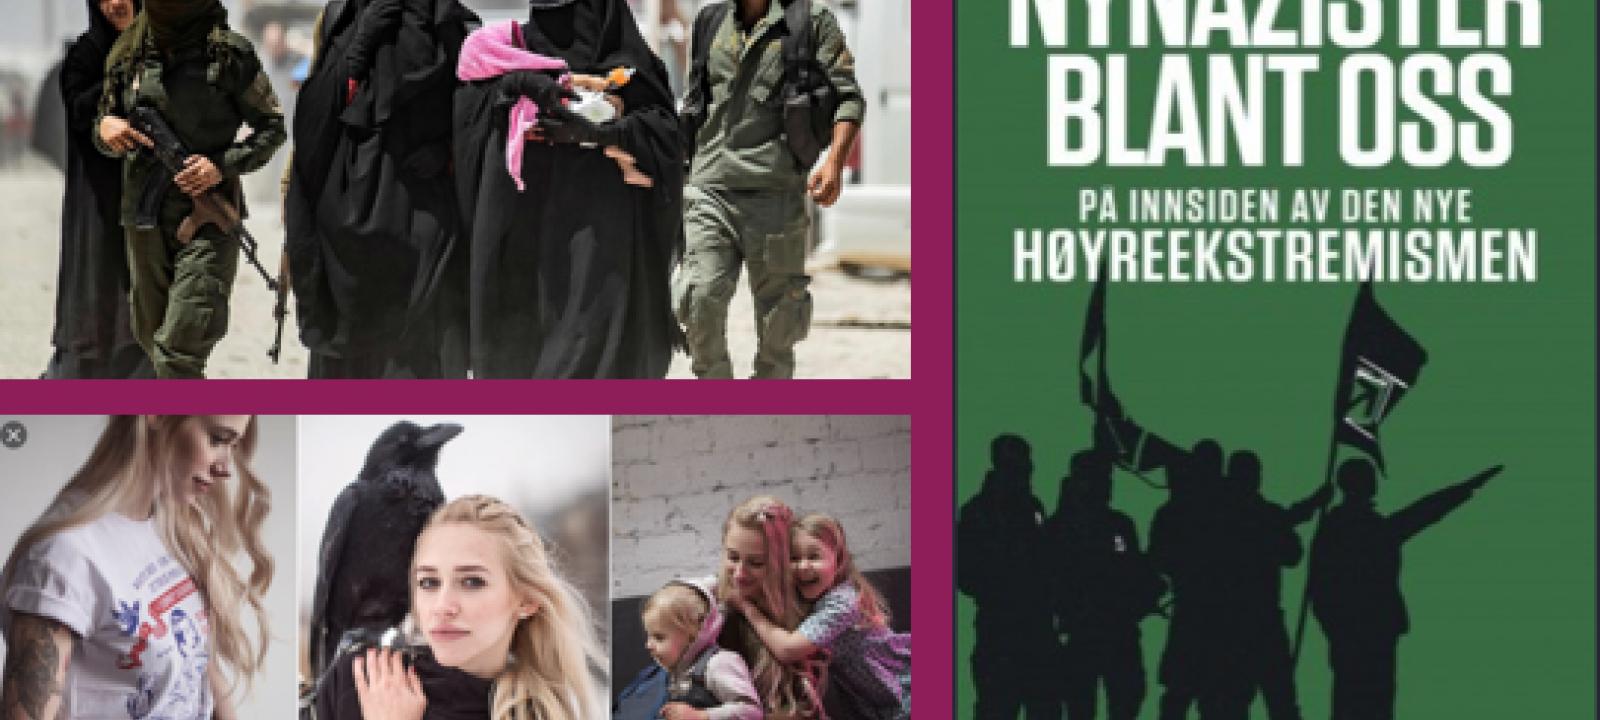 Høyreekstremisme «Nynazister blant oss» / ISIS «Kvinnelige fremmedkrigere og deres rolle»